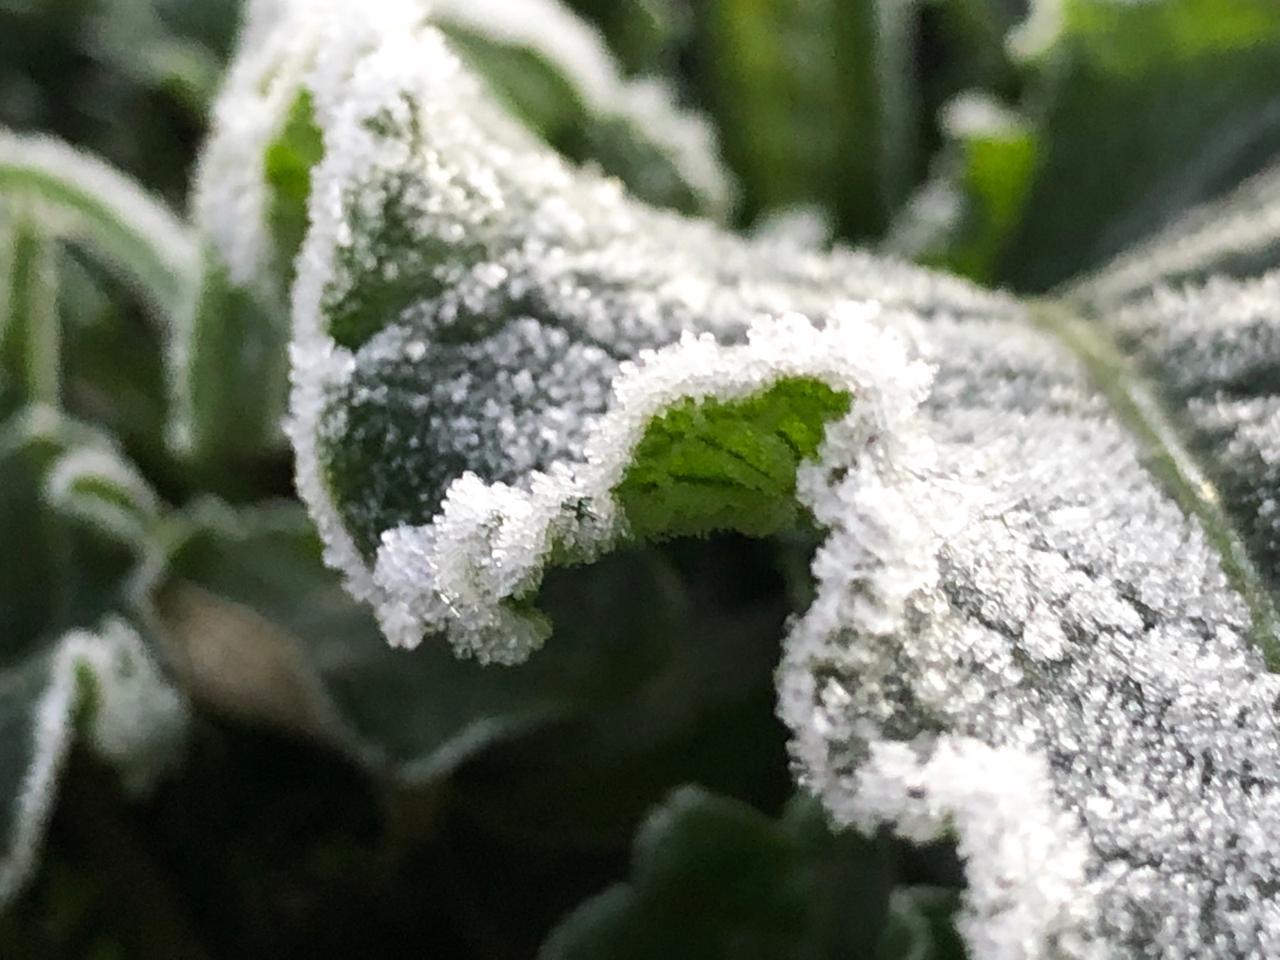 Gelo acumulou sobre as vegetações, mas logo se dissipou com a presença do sol - Willian Ricardo/ND